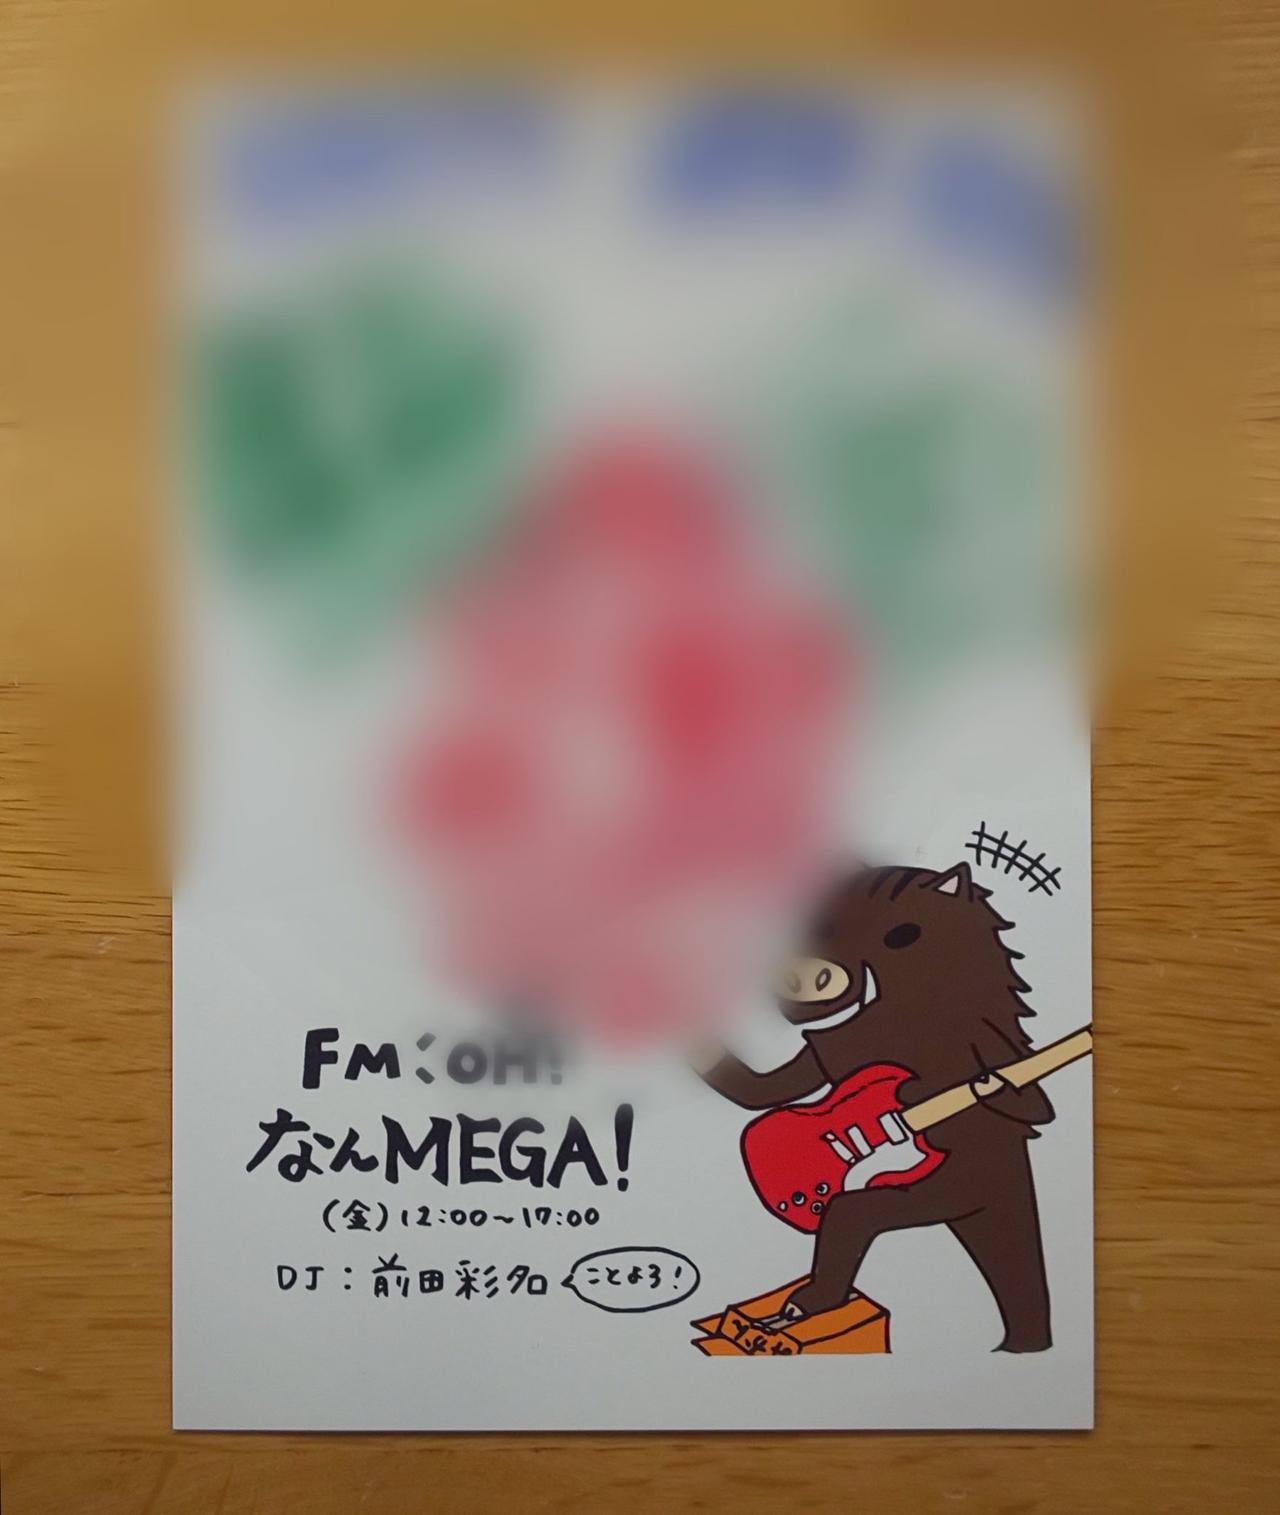 画像12: FM OH! なんMEGA! on Twitter twitter.com